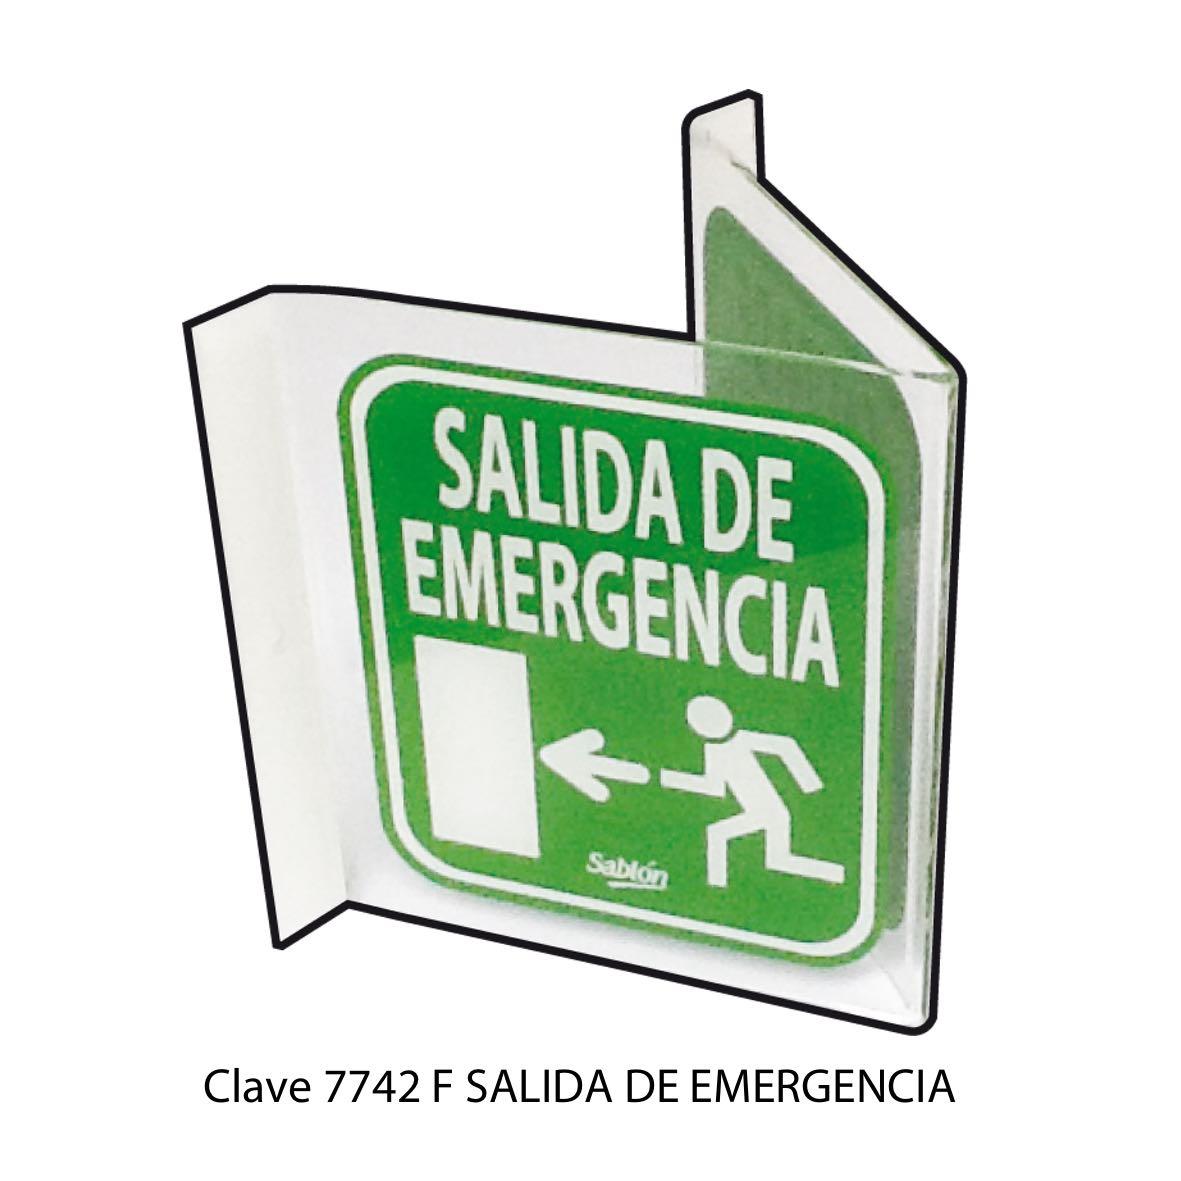 Señal Salida de Emergencia Modelo 7742 F - Sablón